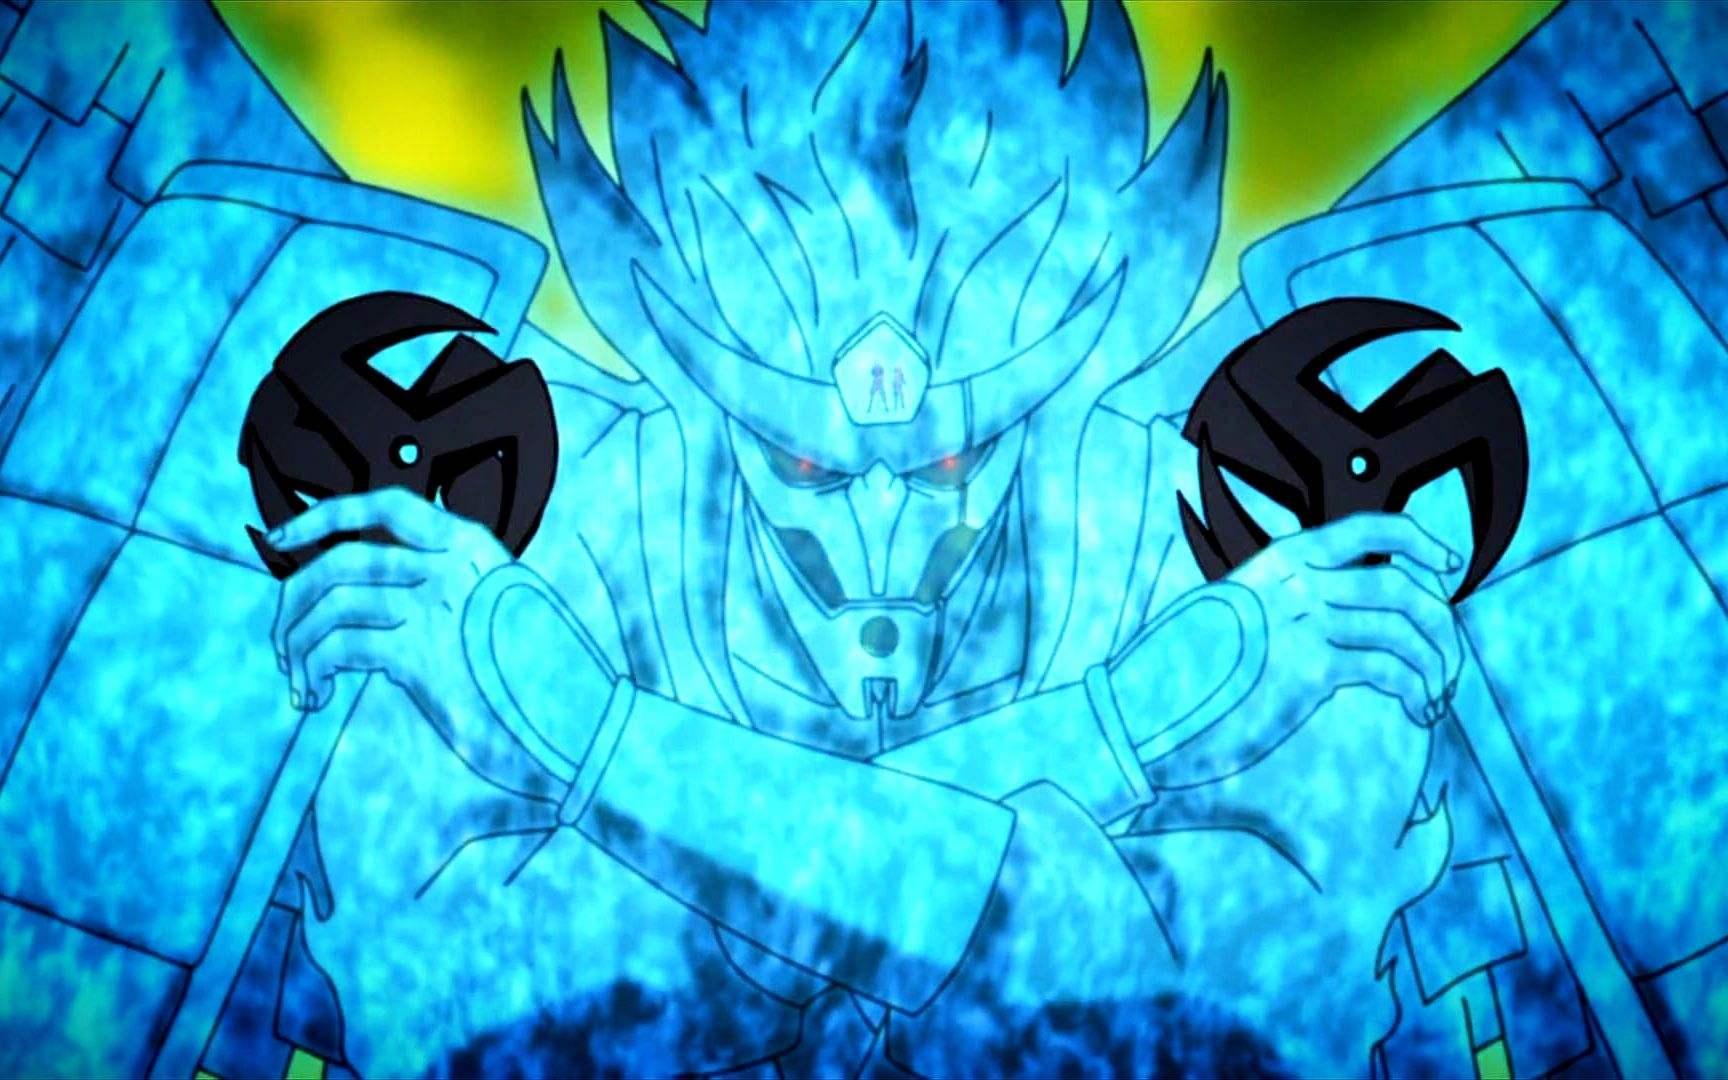 火影忍者:动漫中出现五种须佐能乎,只有一人没有完全体形态?